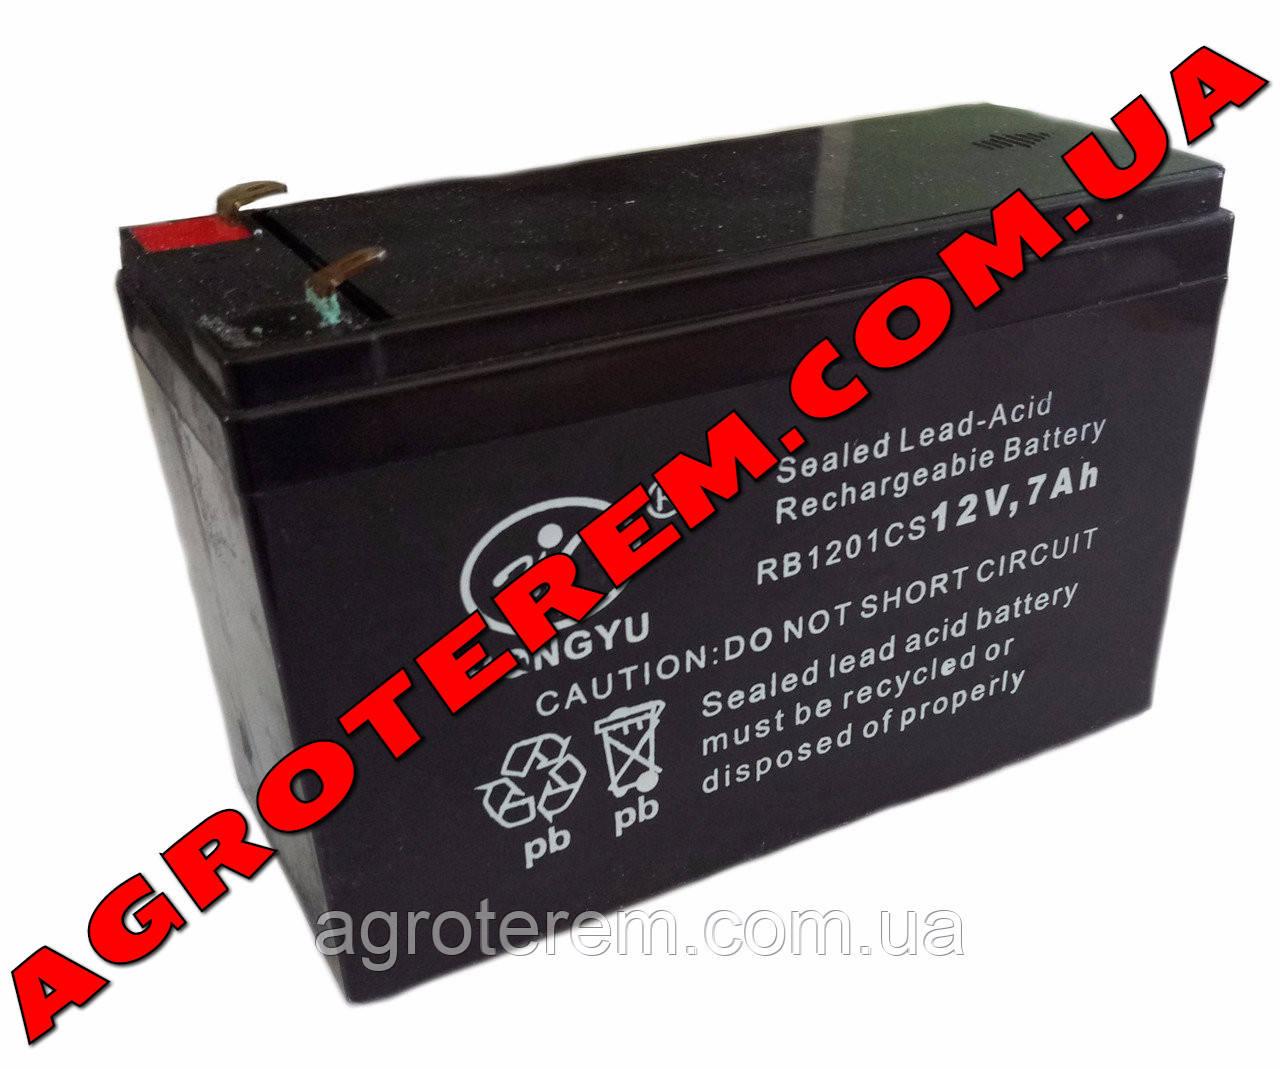 Аккумулятор для опрыскивателя 12V 7AH - Agroterem в Одессе